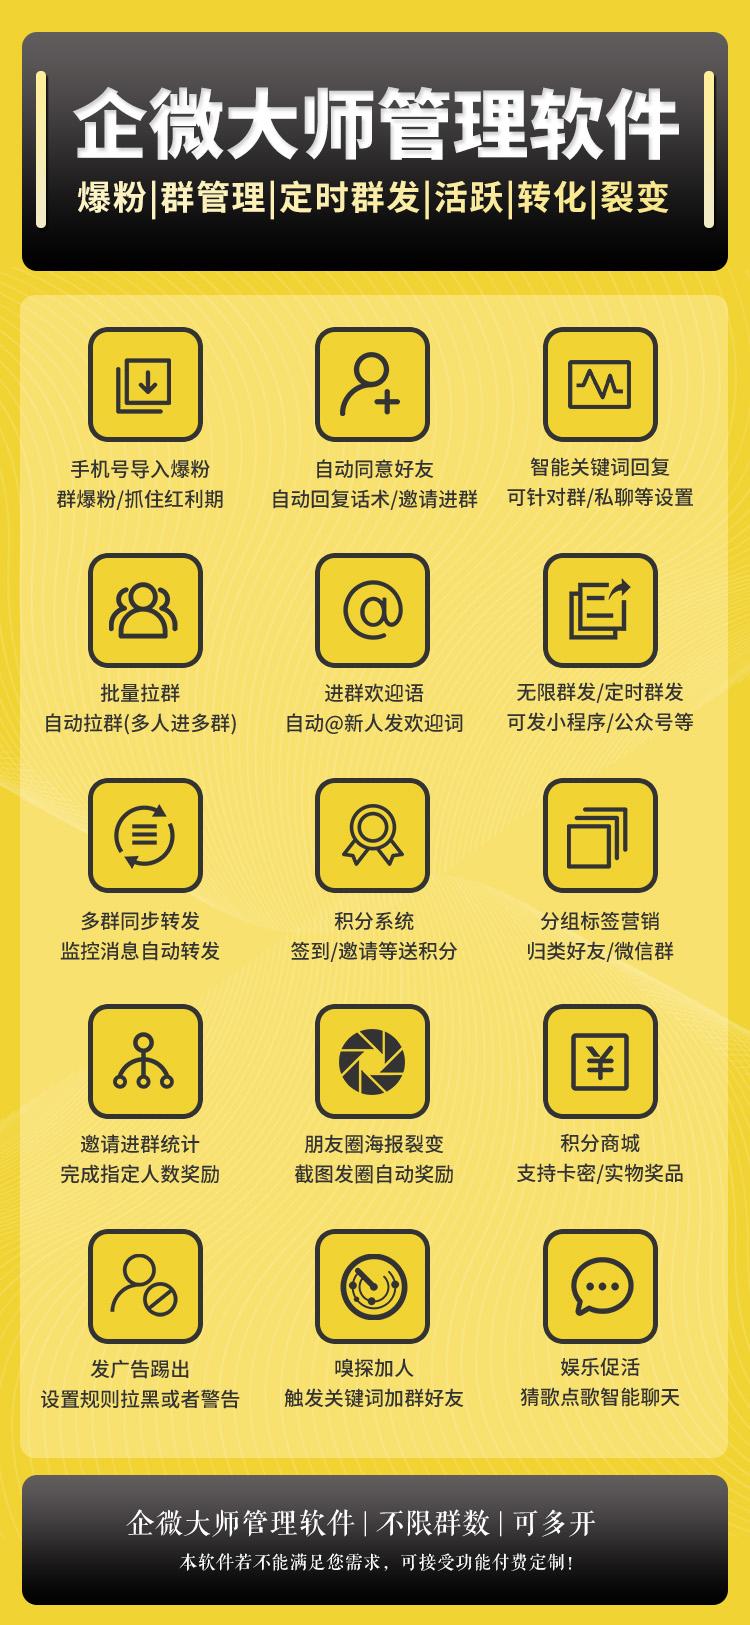 企业微信批量添加好友、添加客户、导入客户等